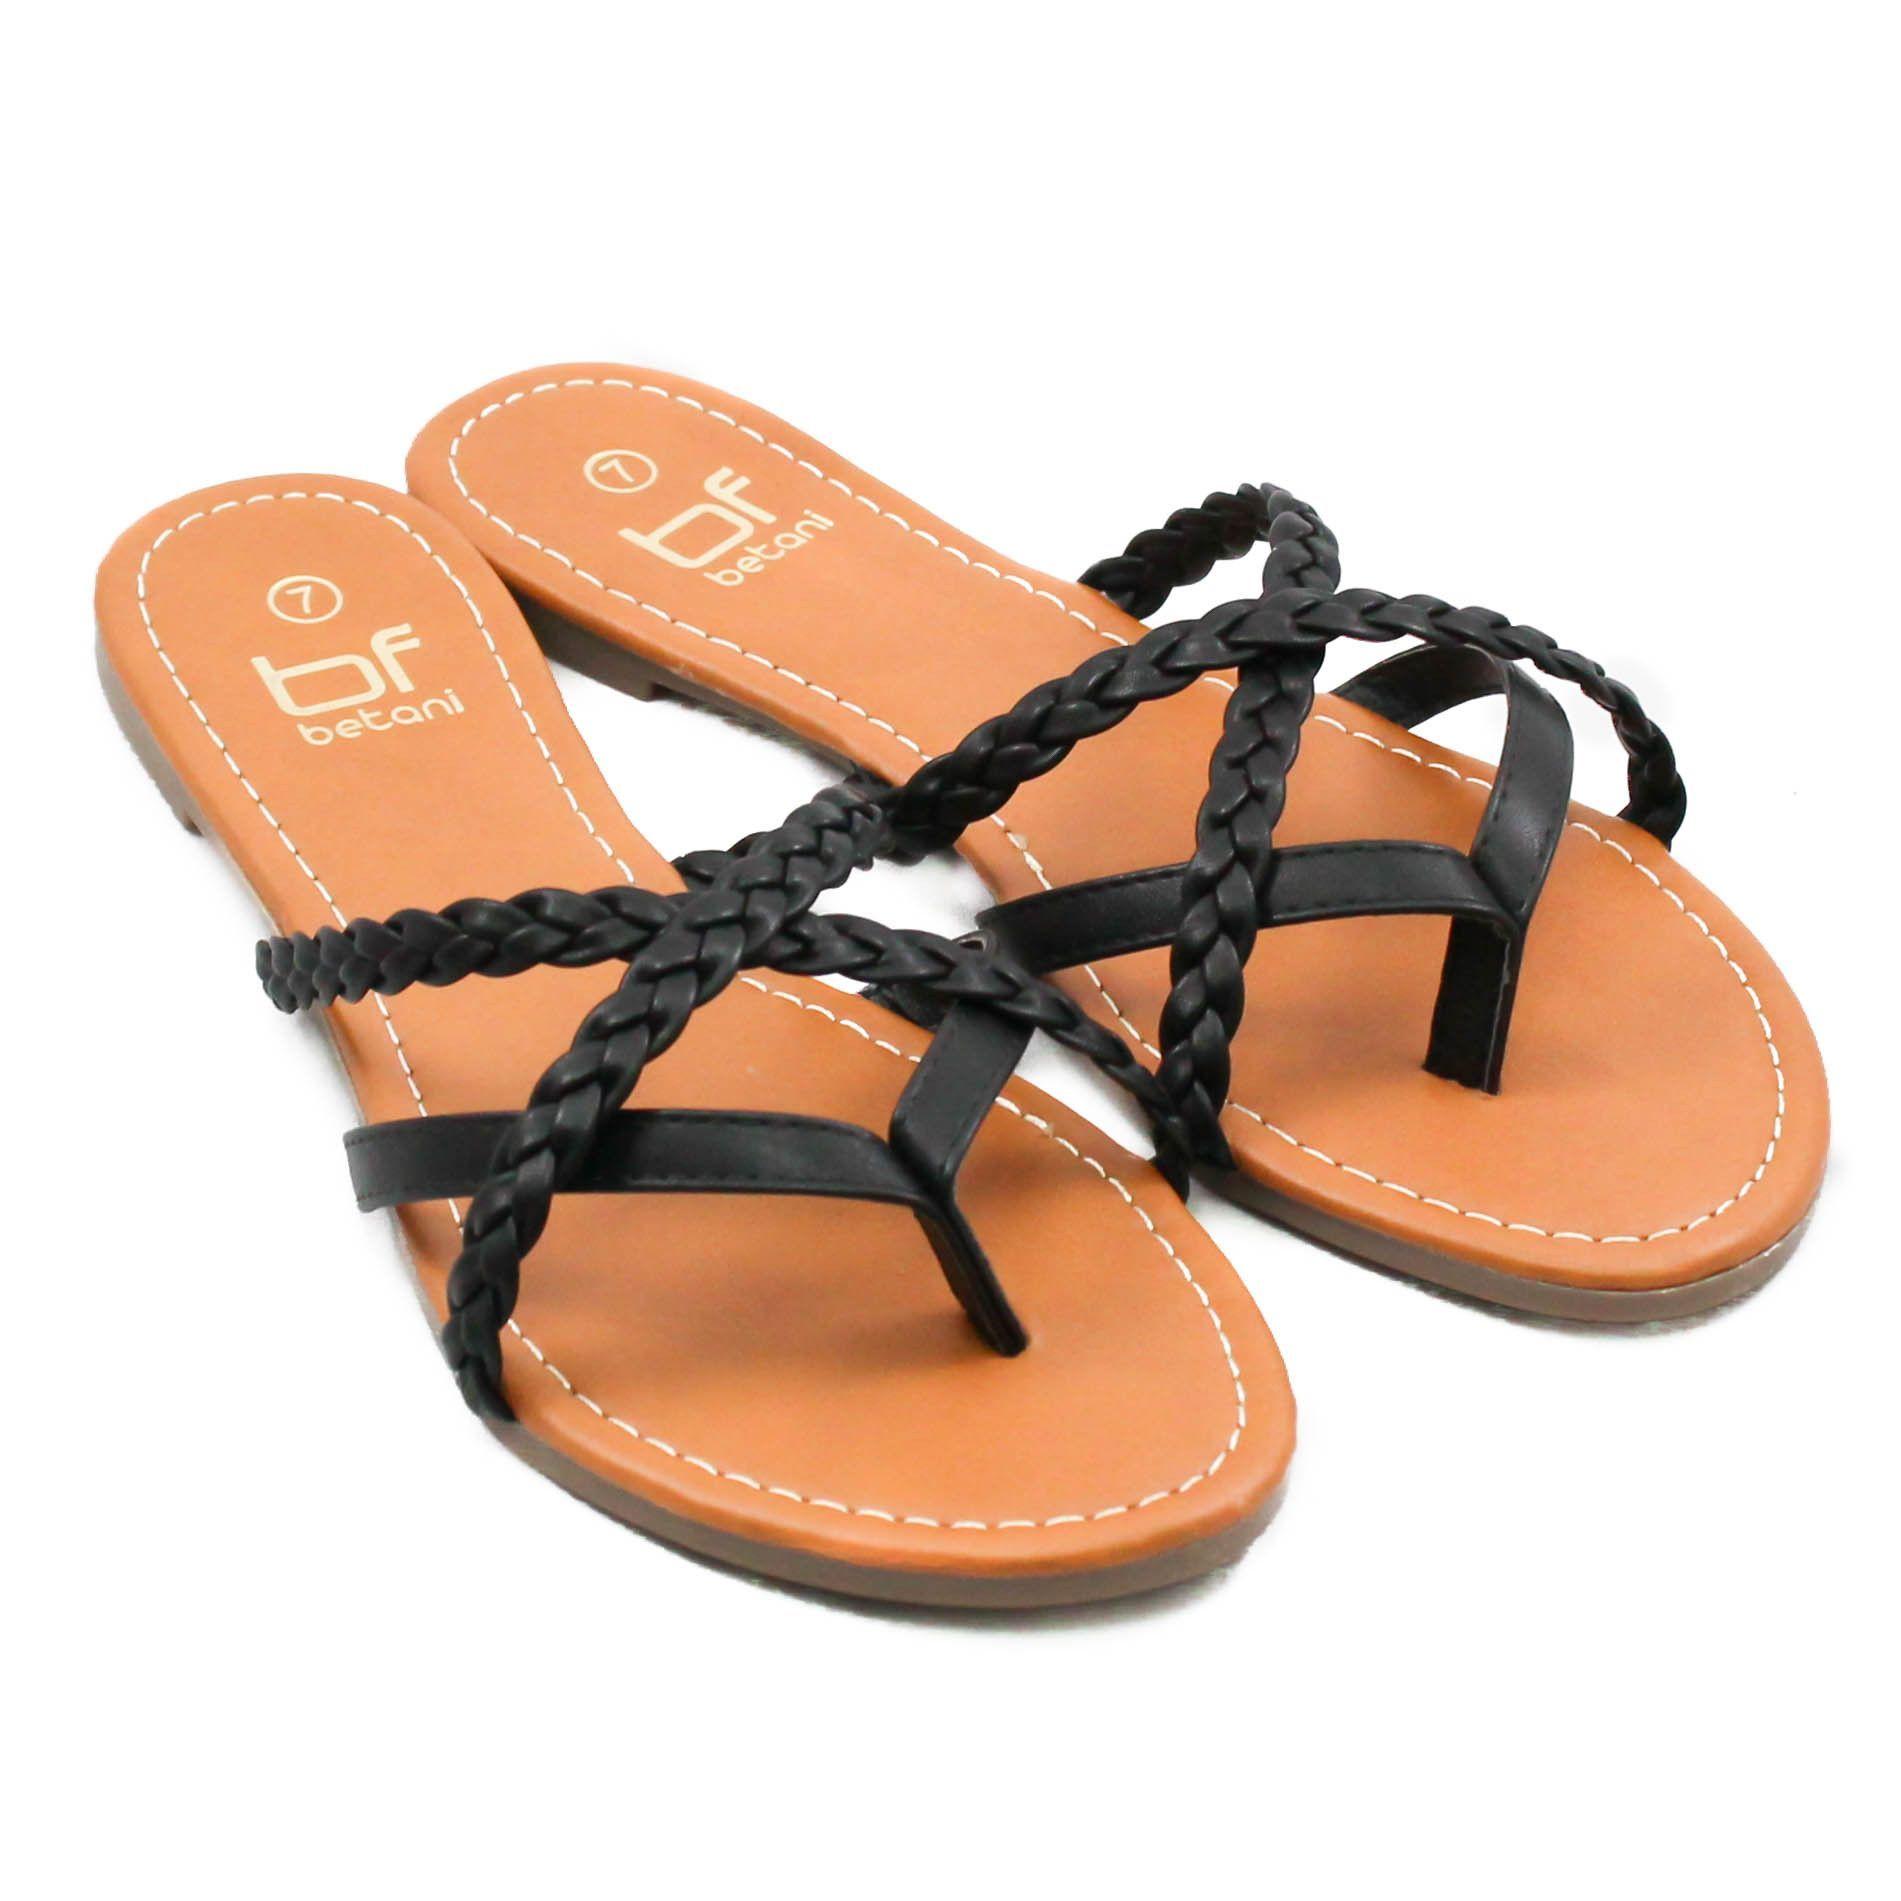 Pin af Helena Petersen på Fashion | Flade sandaler, Sandaler